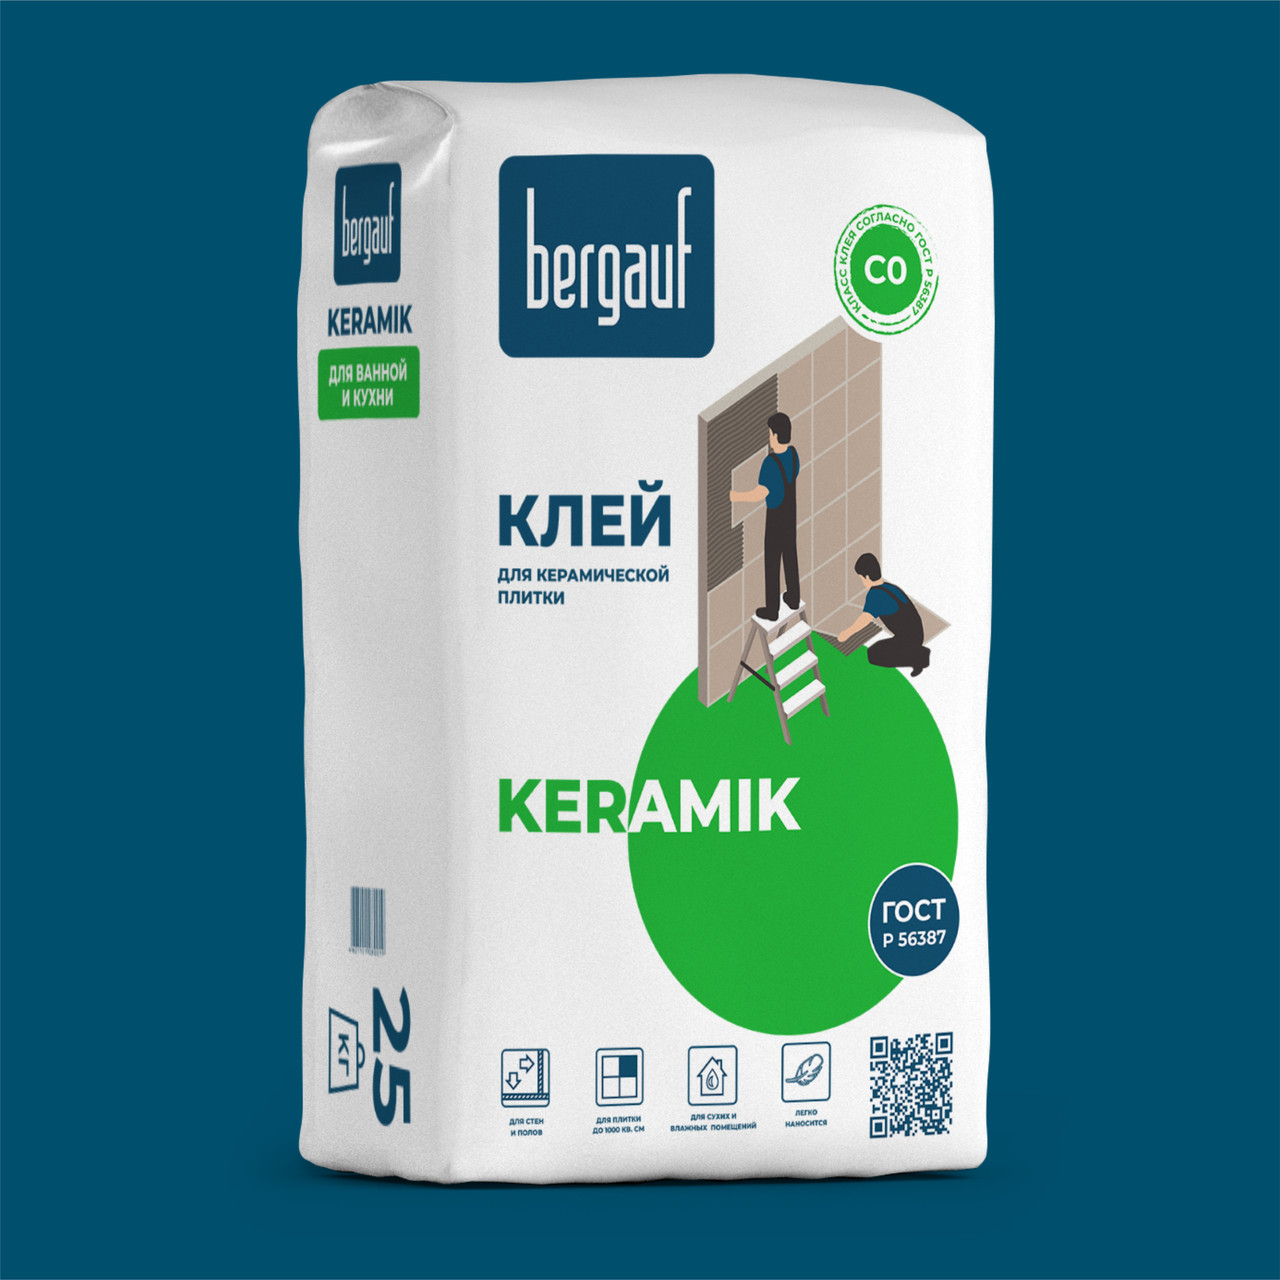 Клей KERAMIK для керамической плитки, 25 кг, Bergauf